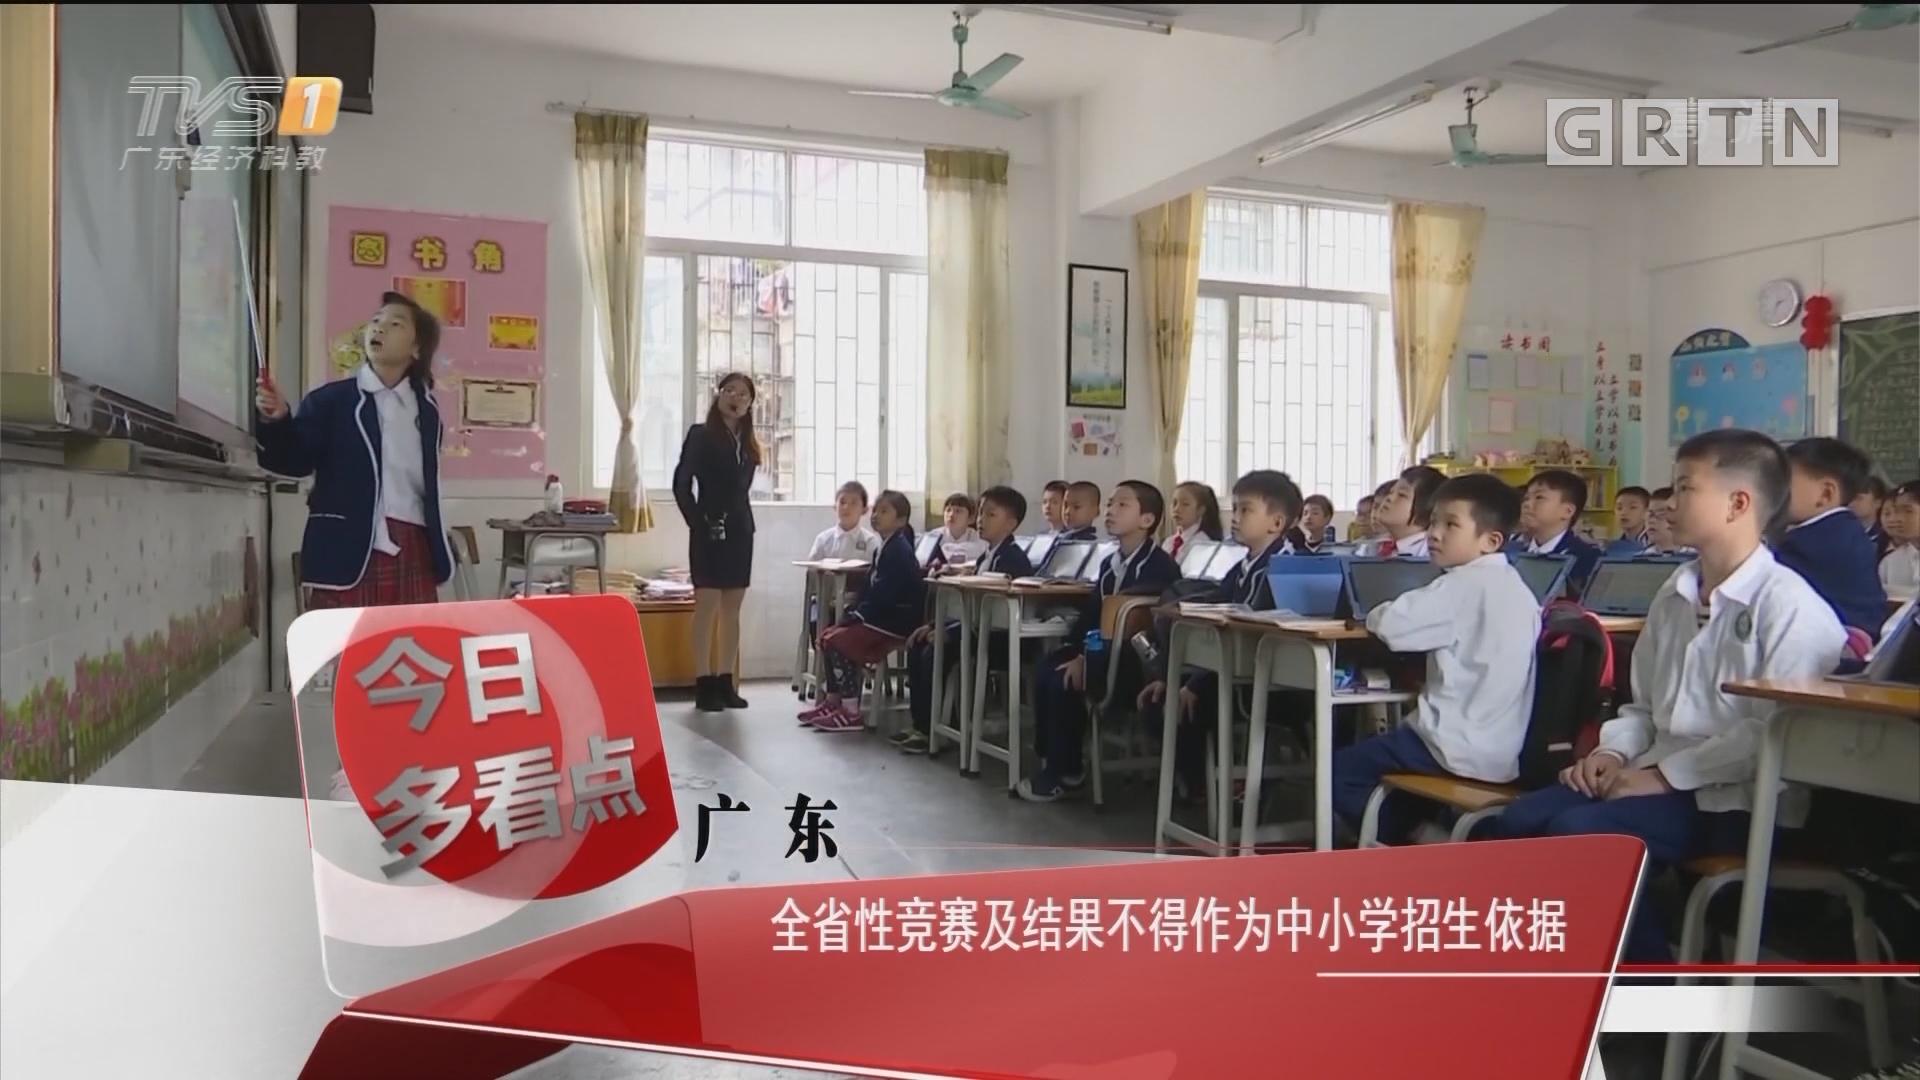 广东:全省性竞赛及结果不得作为中小学招生依据